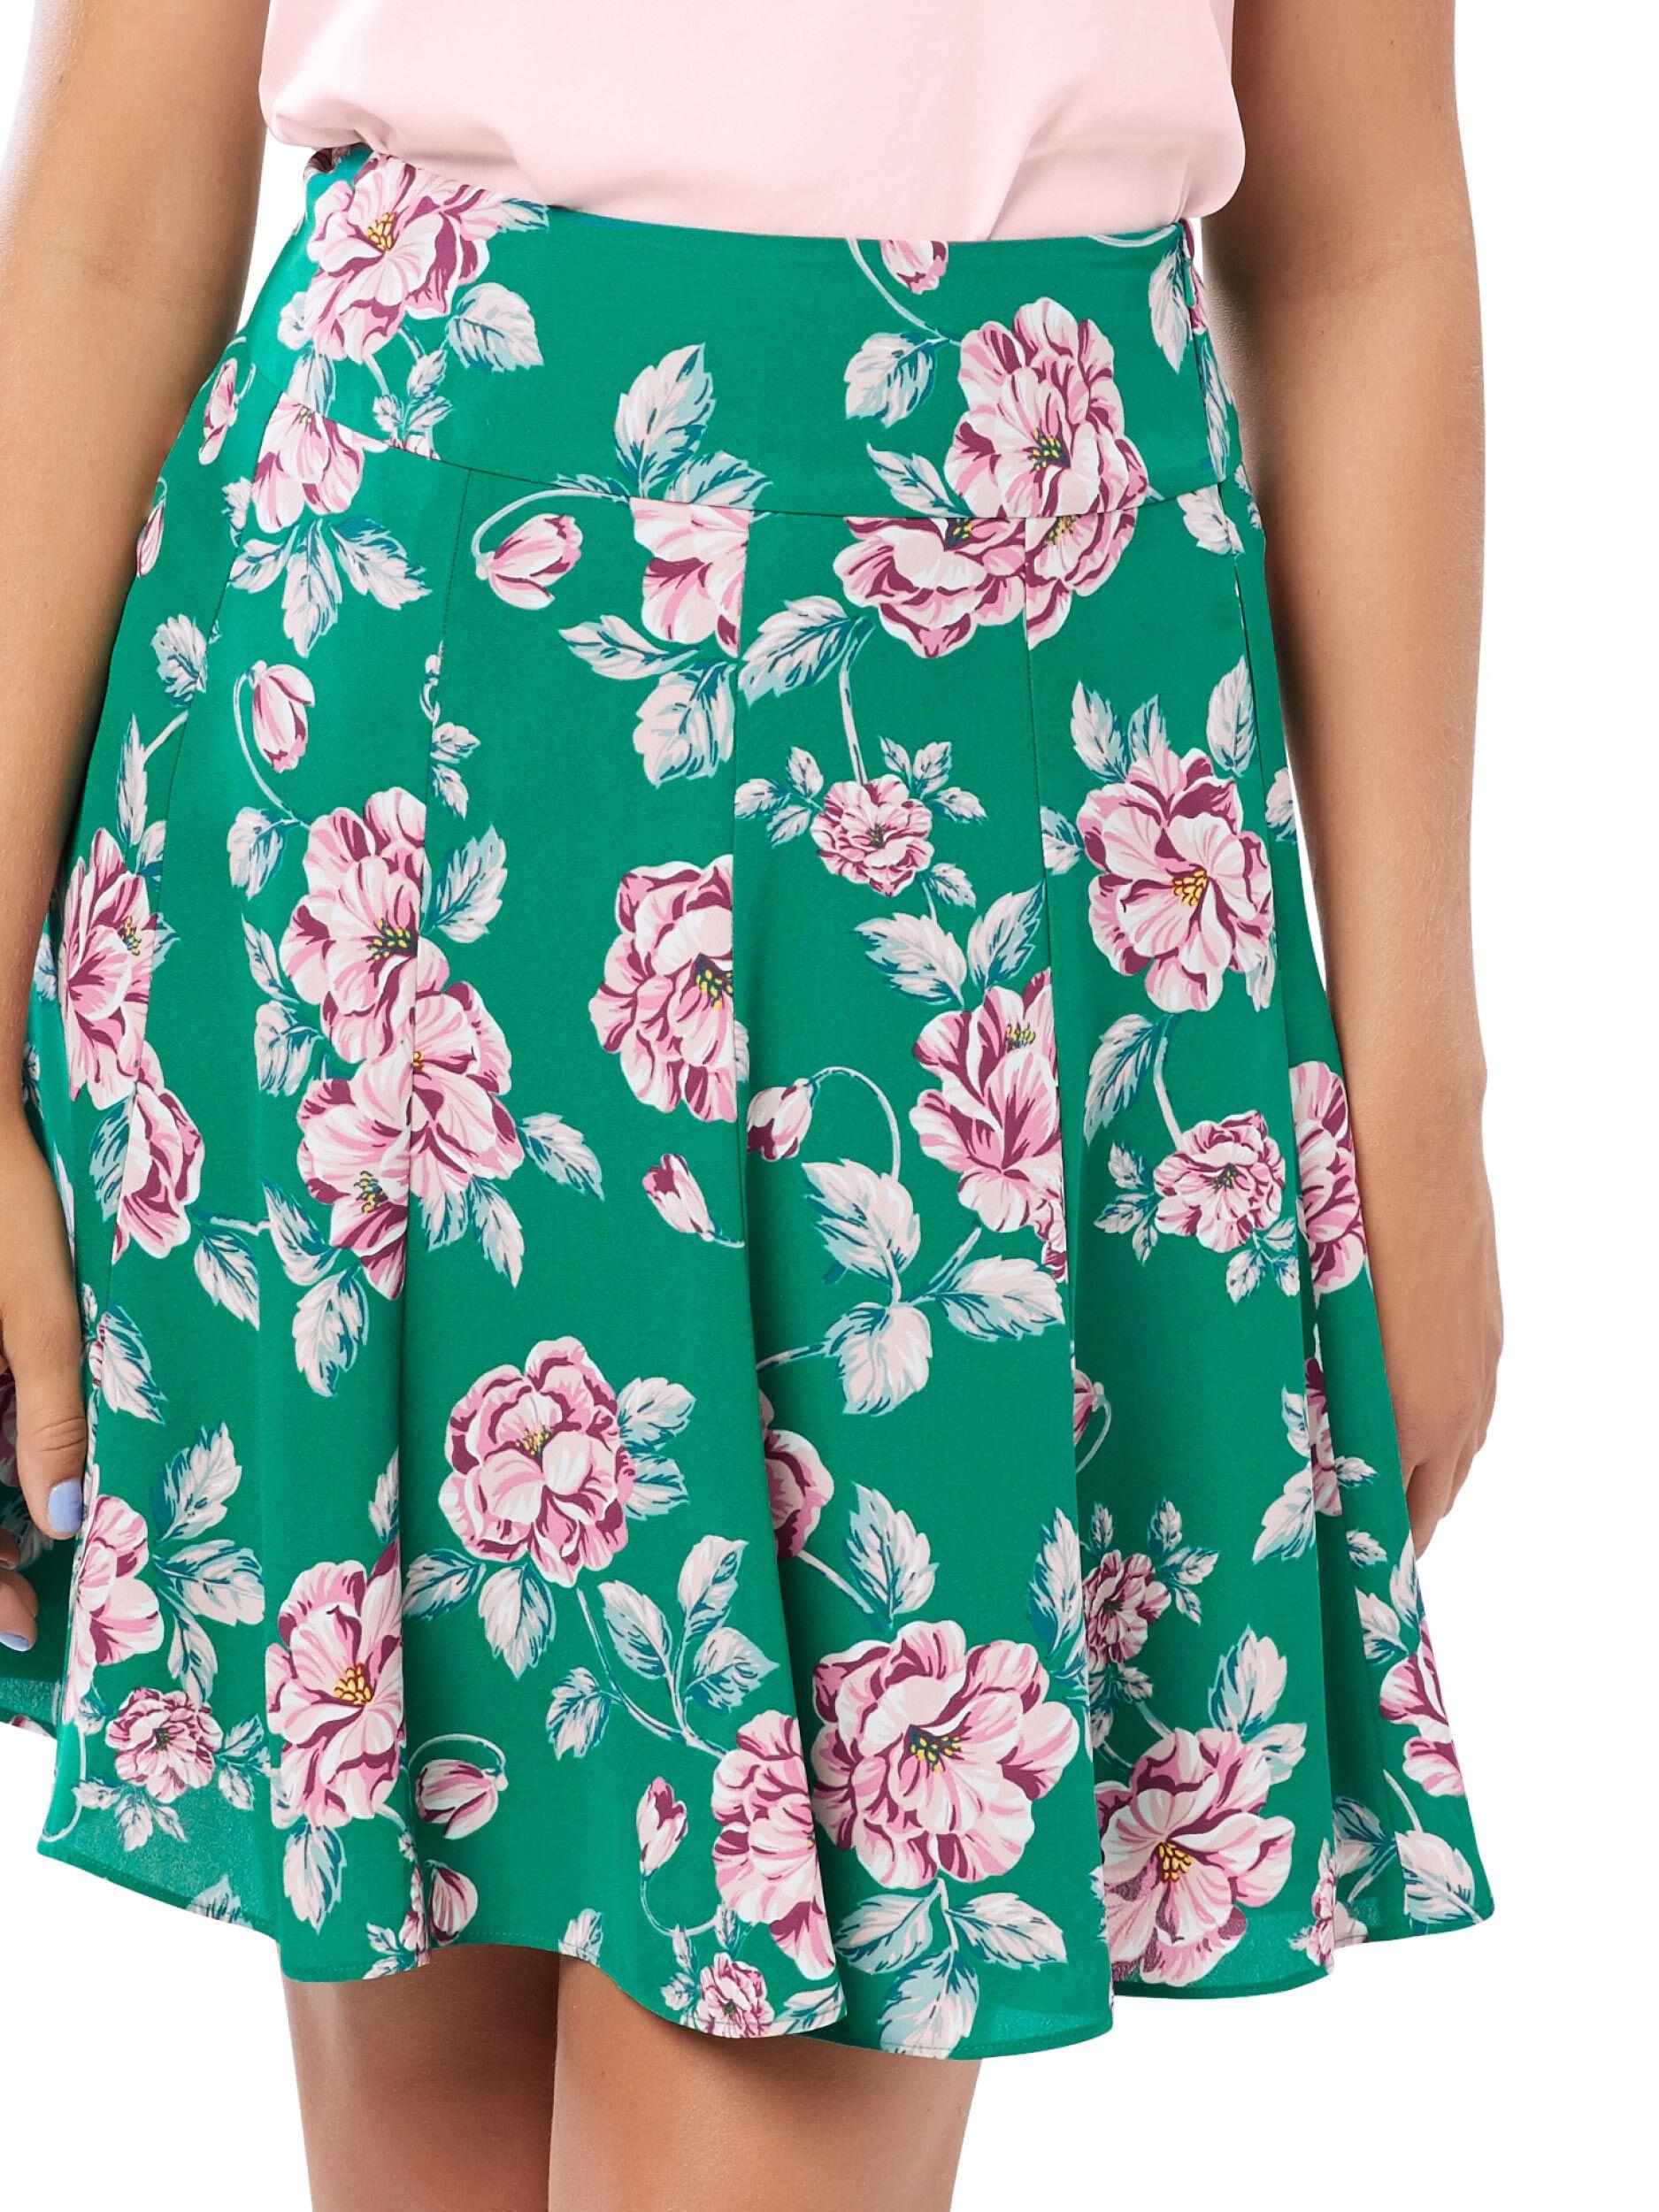 Blissful Bloom Skirt